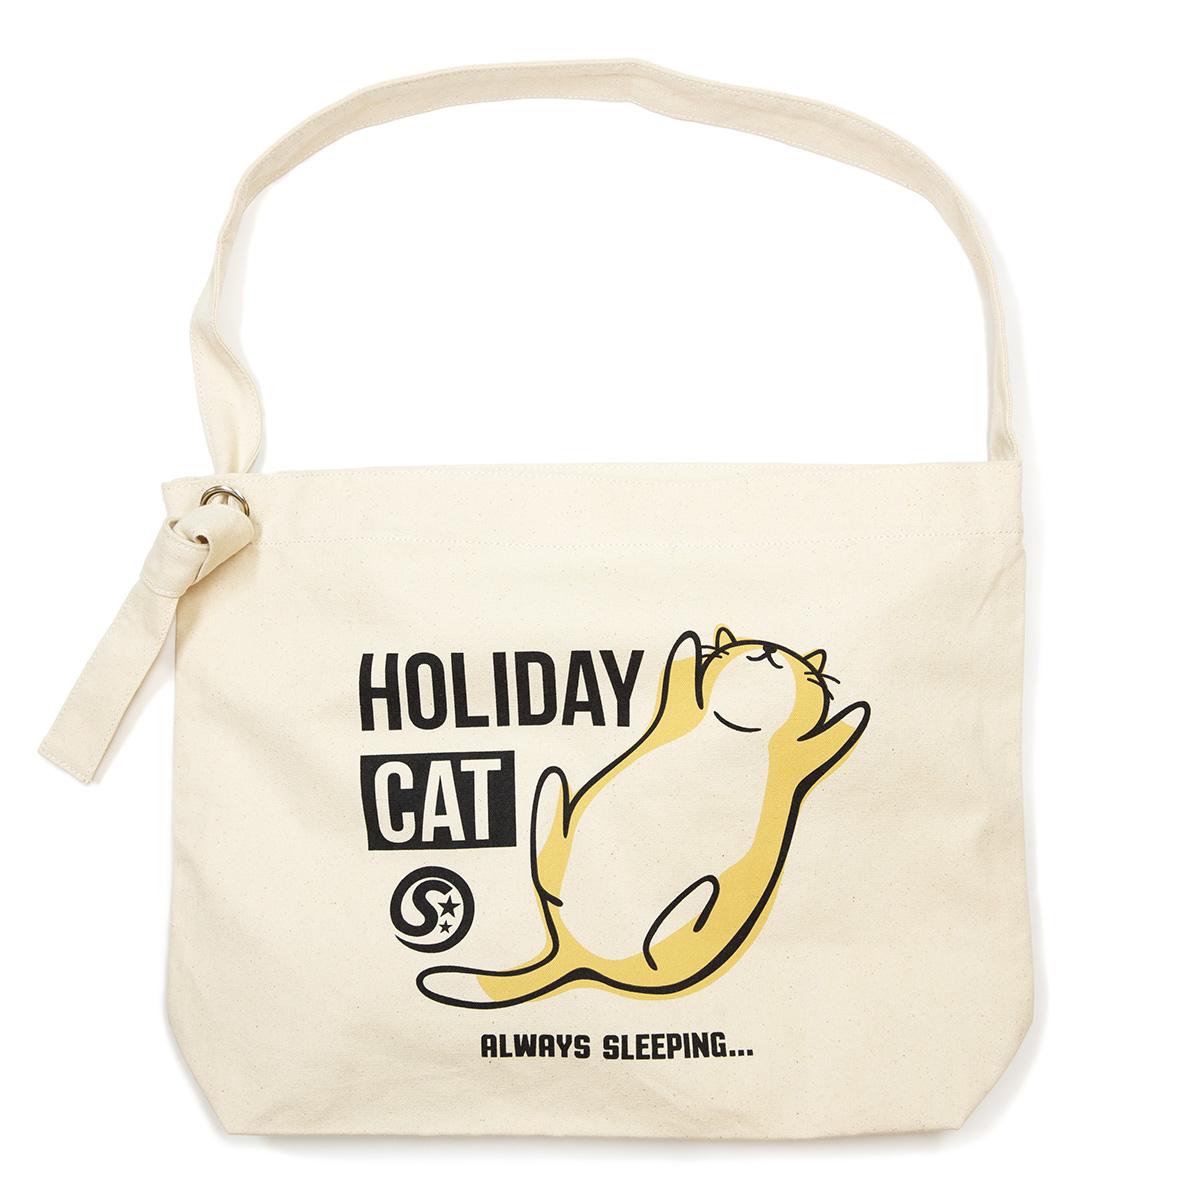 クラフトショルダーバッグ HOLIDAY CAT